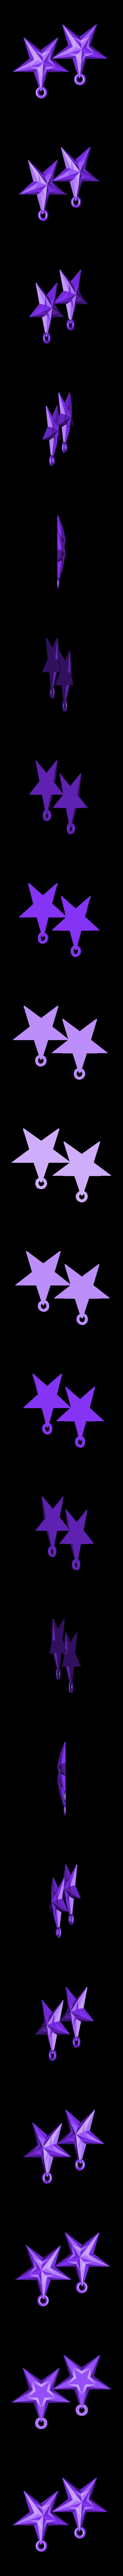 FacetedStar-Split-Hanging.stl Télécharger fichier STL gratuit Décorations d'étoiles facettées • Design pour impression 3D, tone001